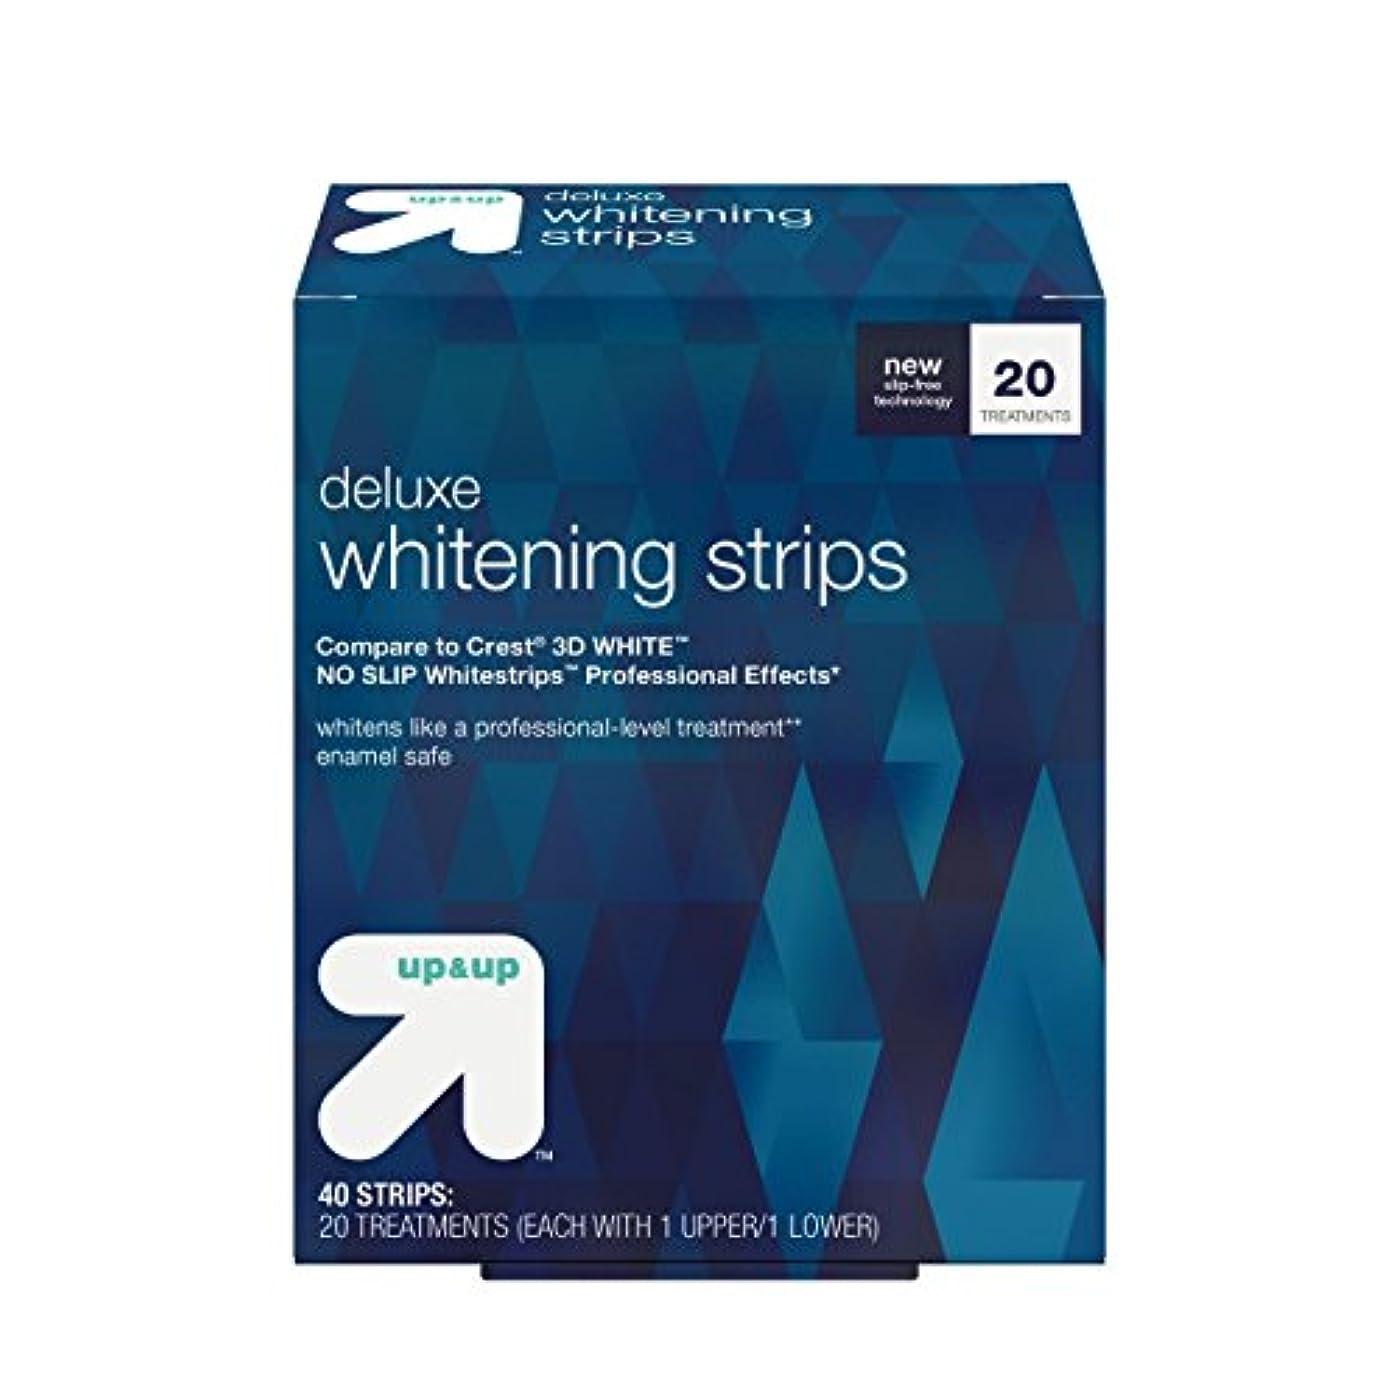 納税者化石特にデラックスホワイトニングストリップス 20日分 アップ&アップ Deluxe Whitening Strips -20 Day Treatment - up & up